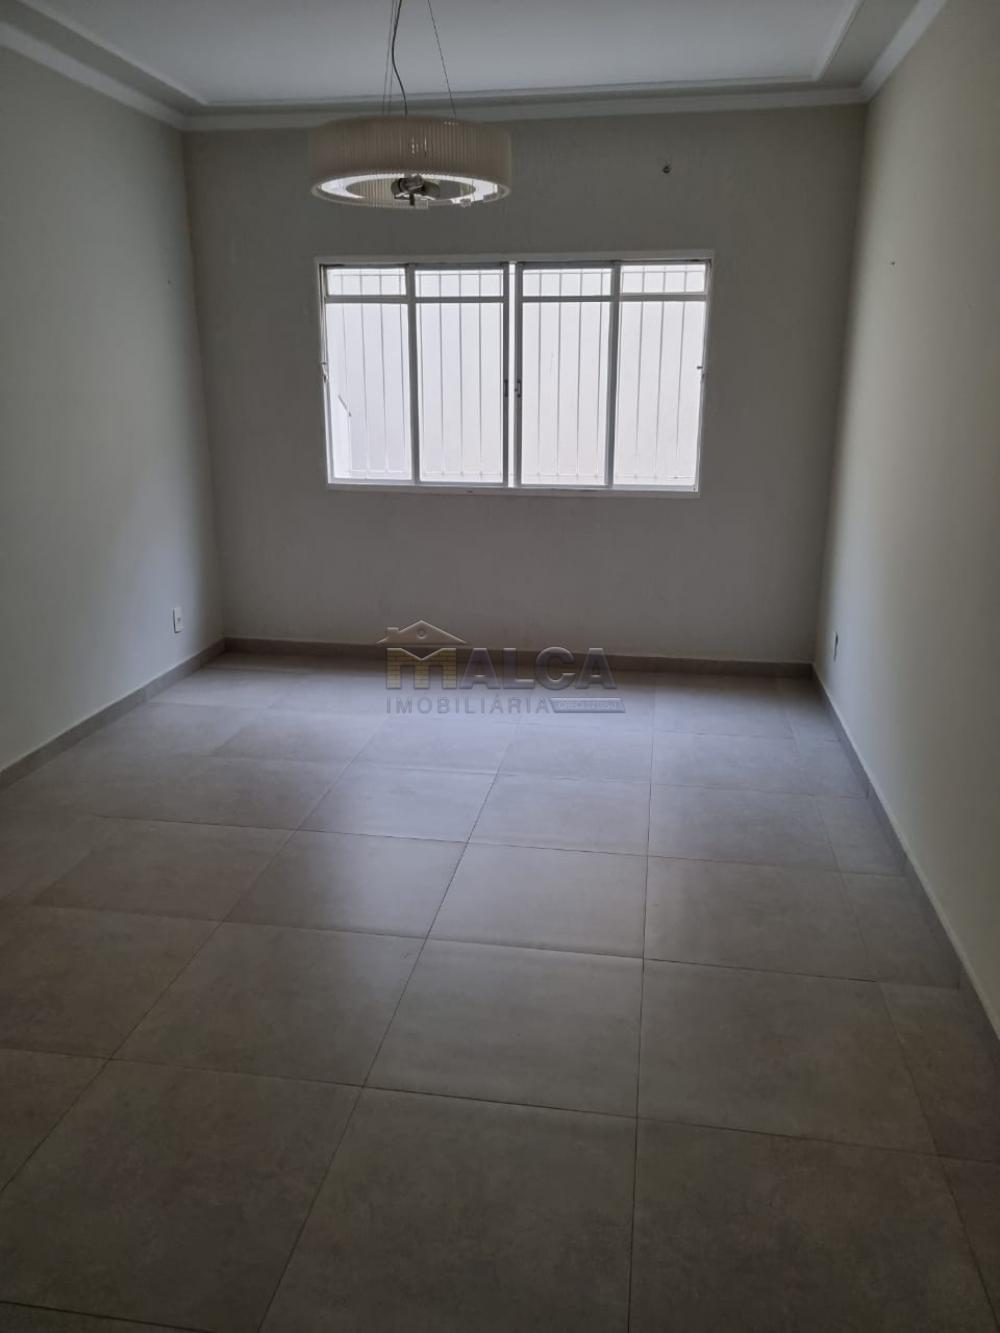 Alugar Casas / Padrão em São José do Rio Pardo R$ 2.950,00 - Foto 7